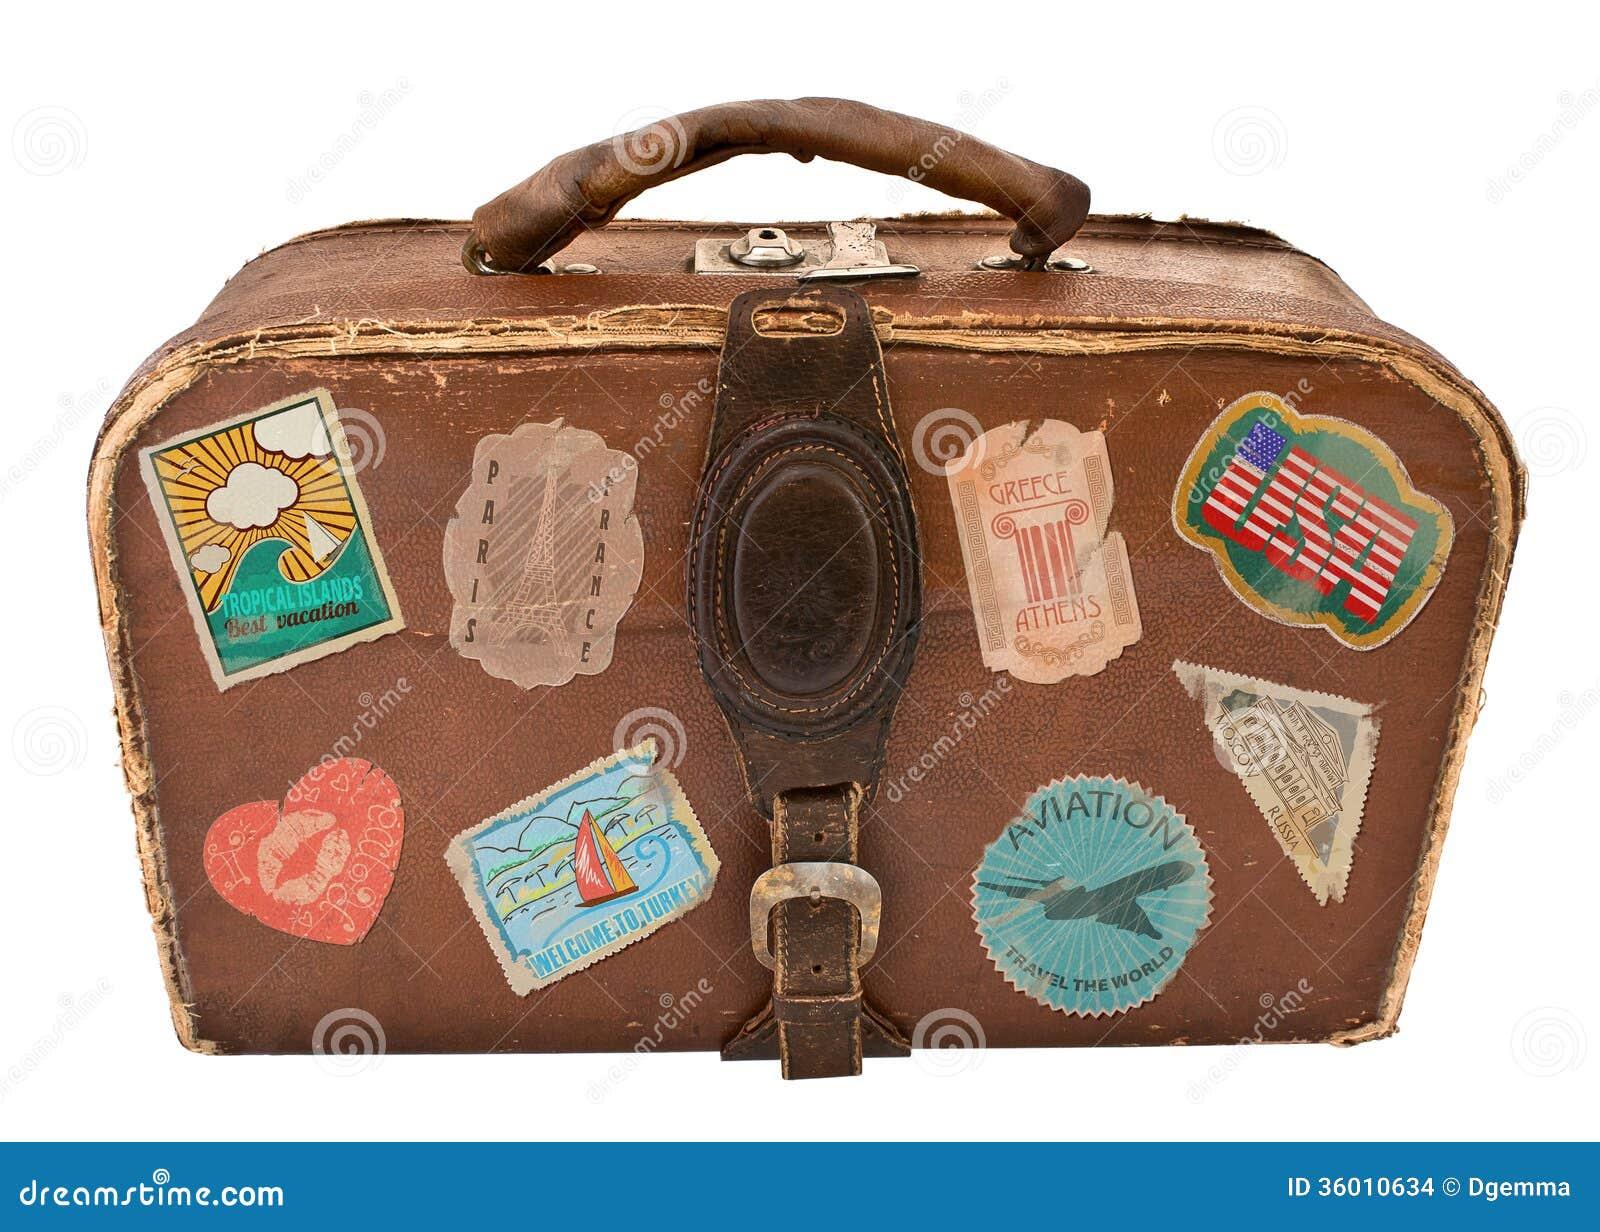 valise de voyage avec des autocollants images stock. Black Bedroom Furniture Sets. Home Design Ideas